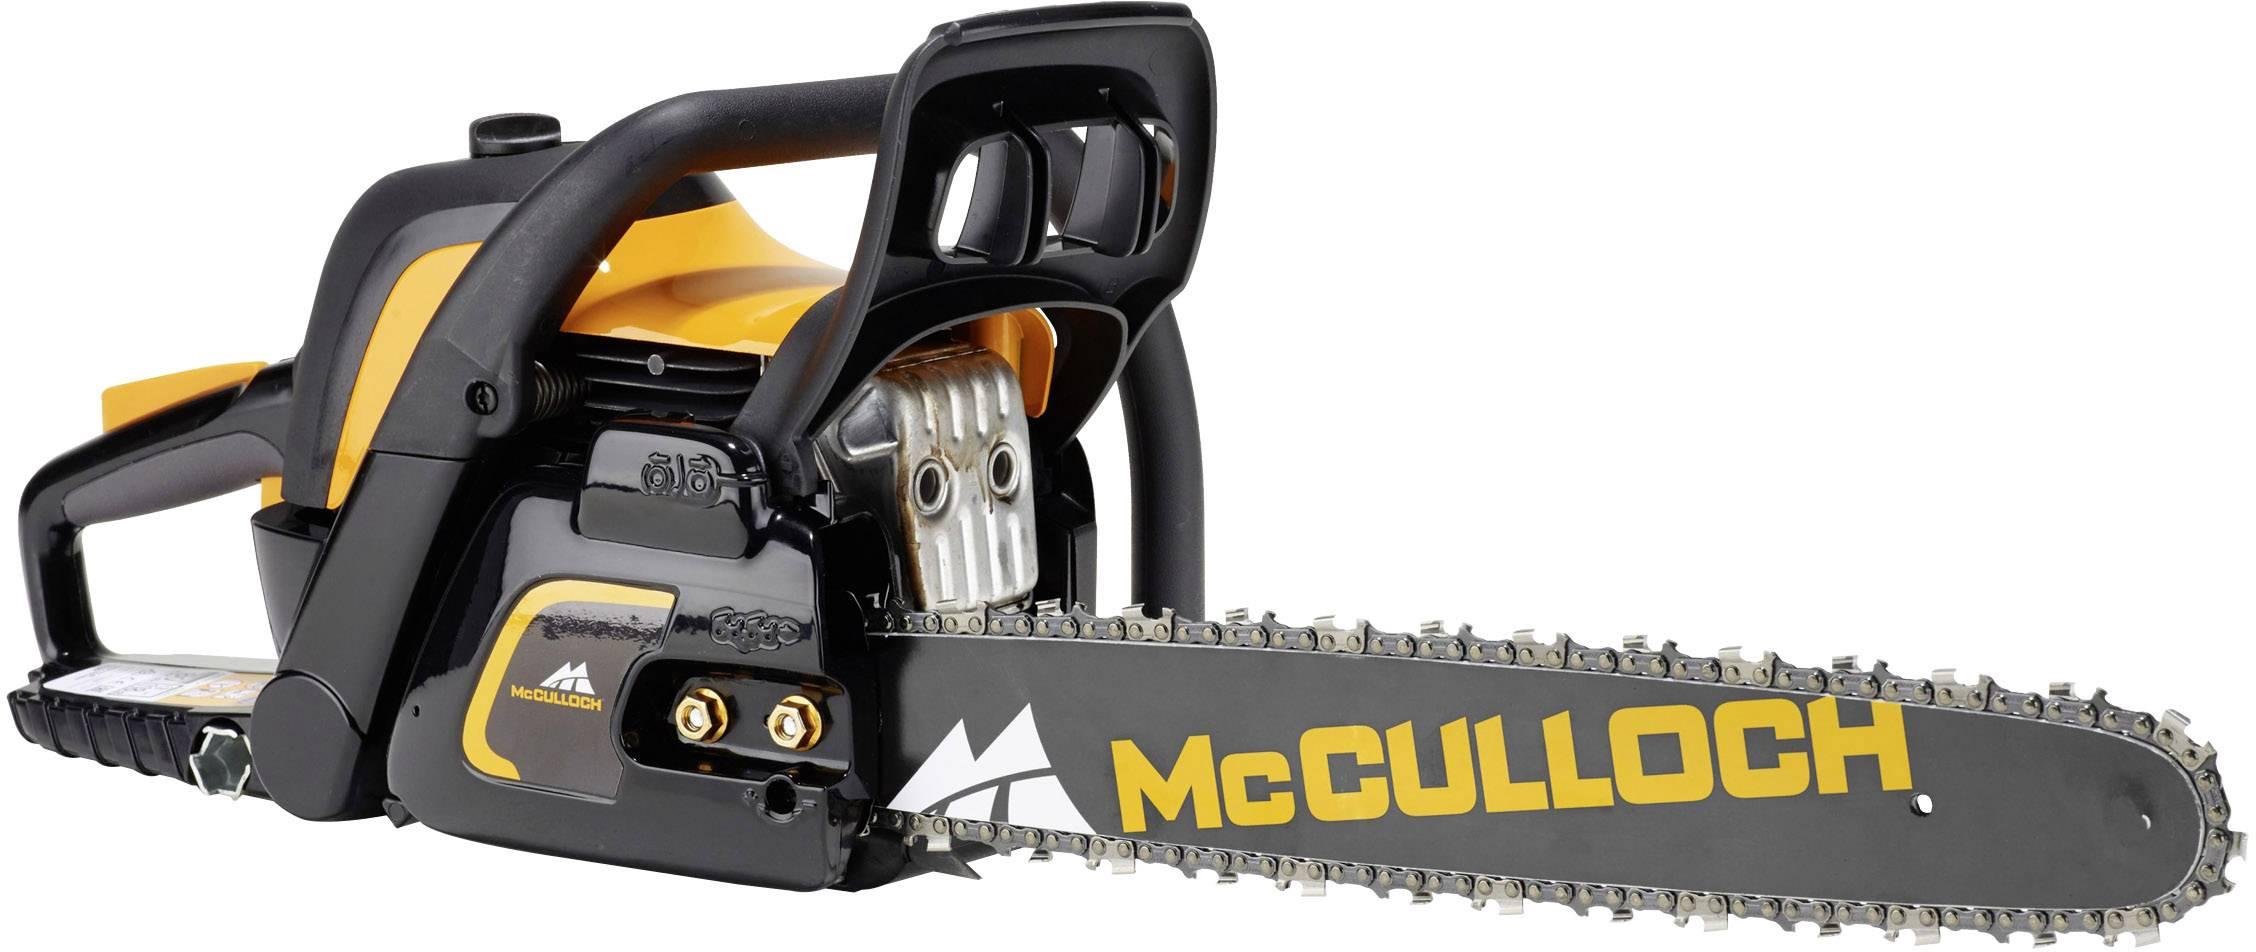 Benzínová řetězová pila McCulloch CS50S, 2,1 kW, délka čepele 450 mm